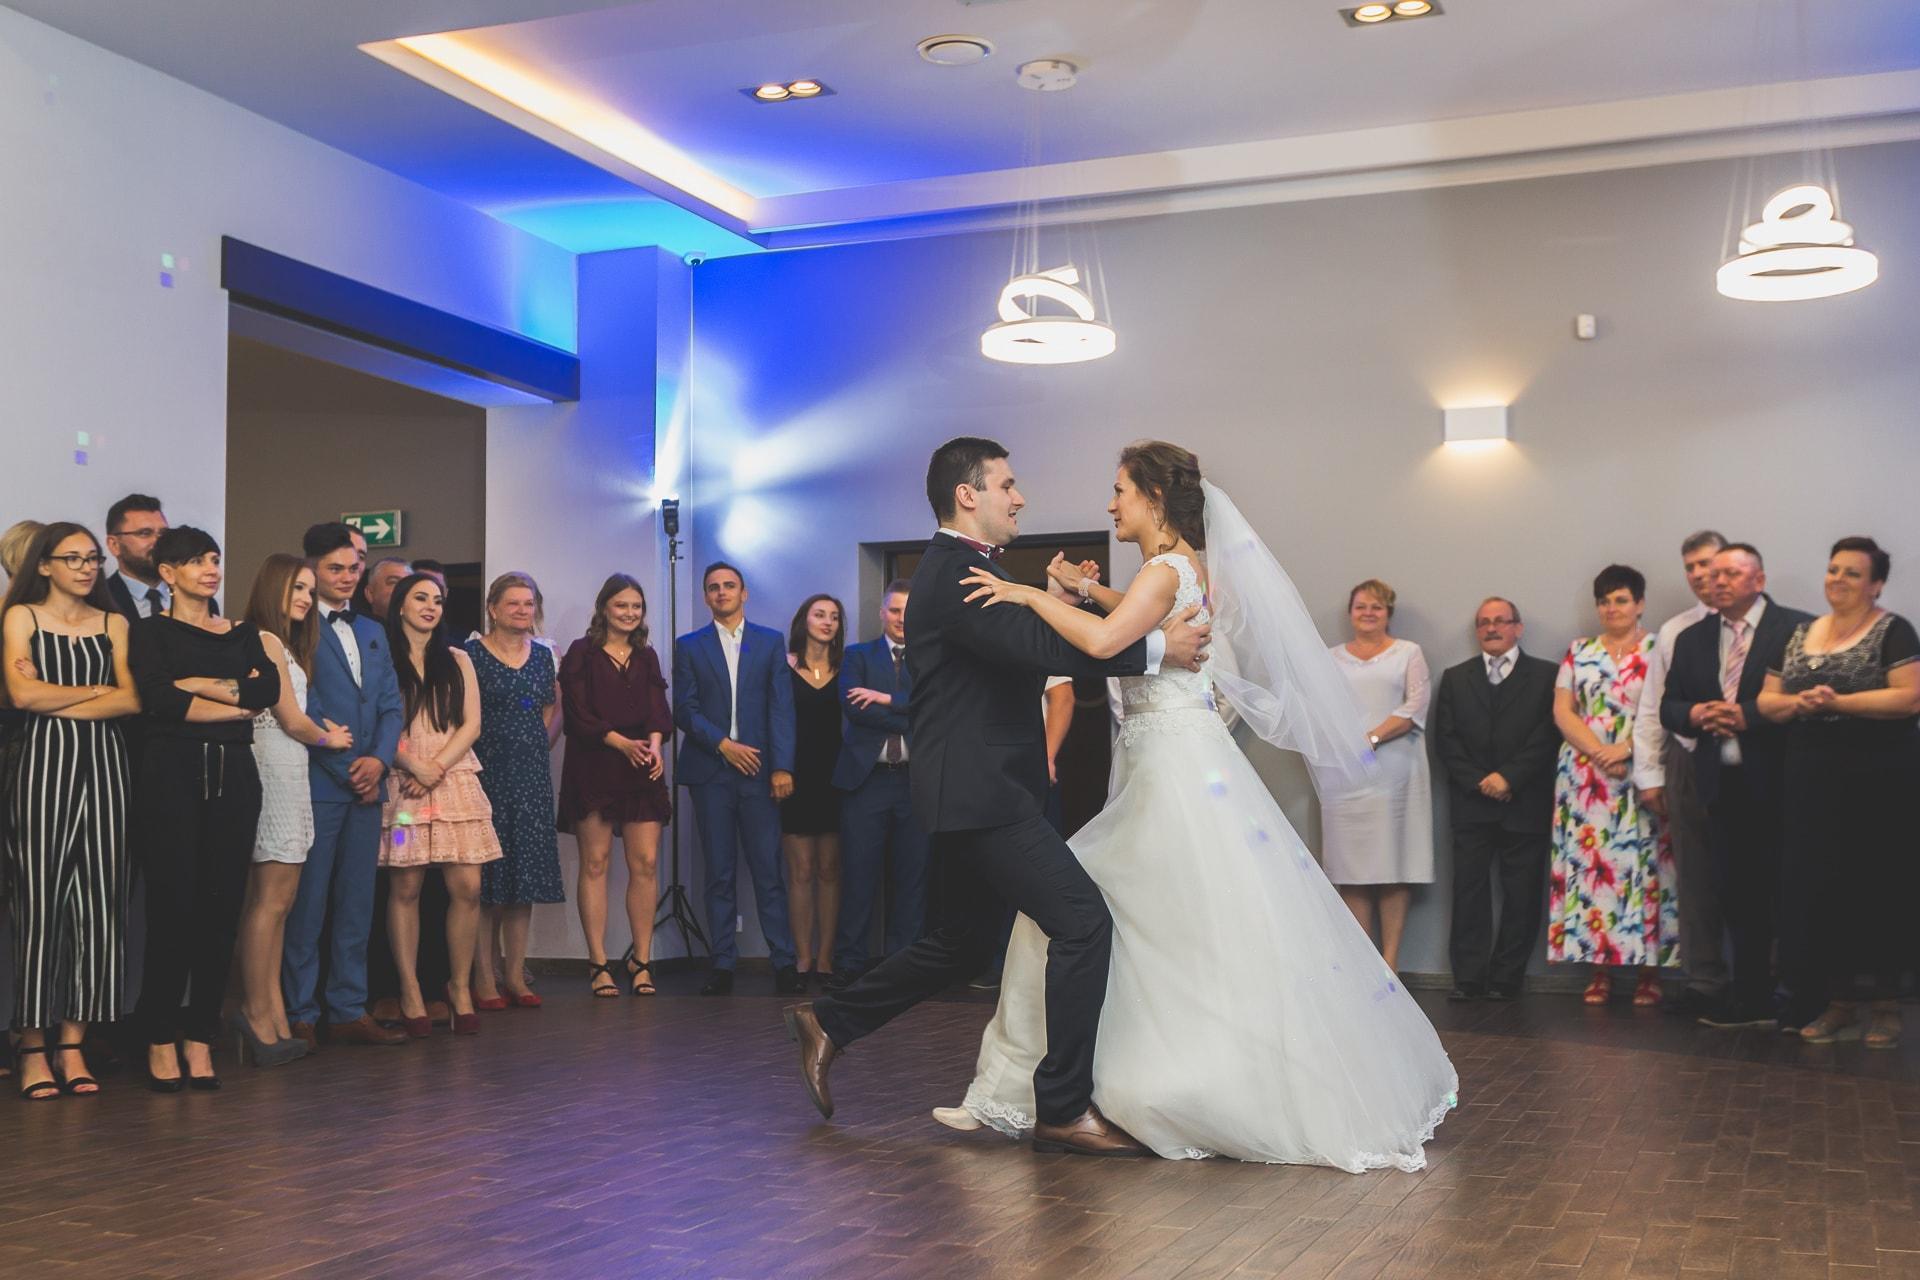 Pierwszy taniec układ